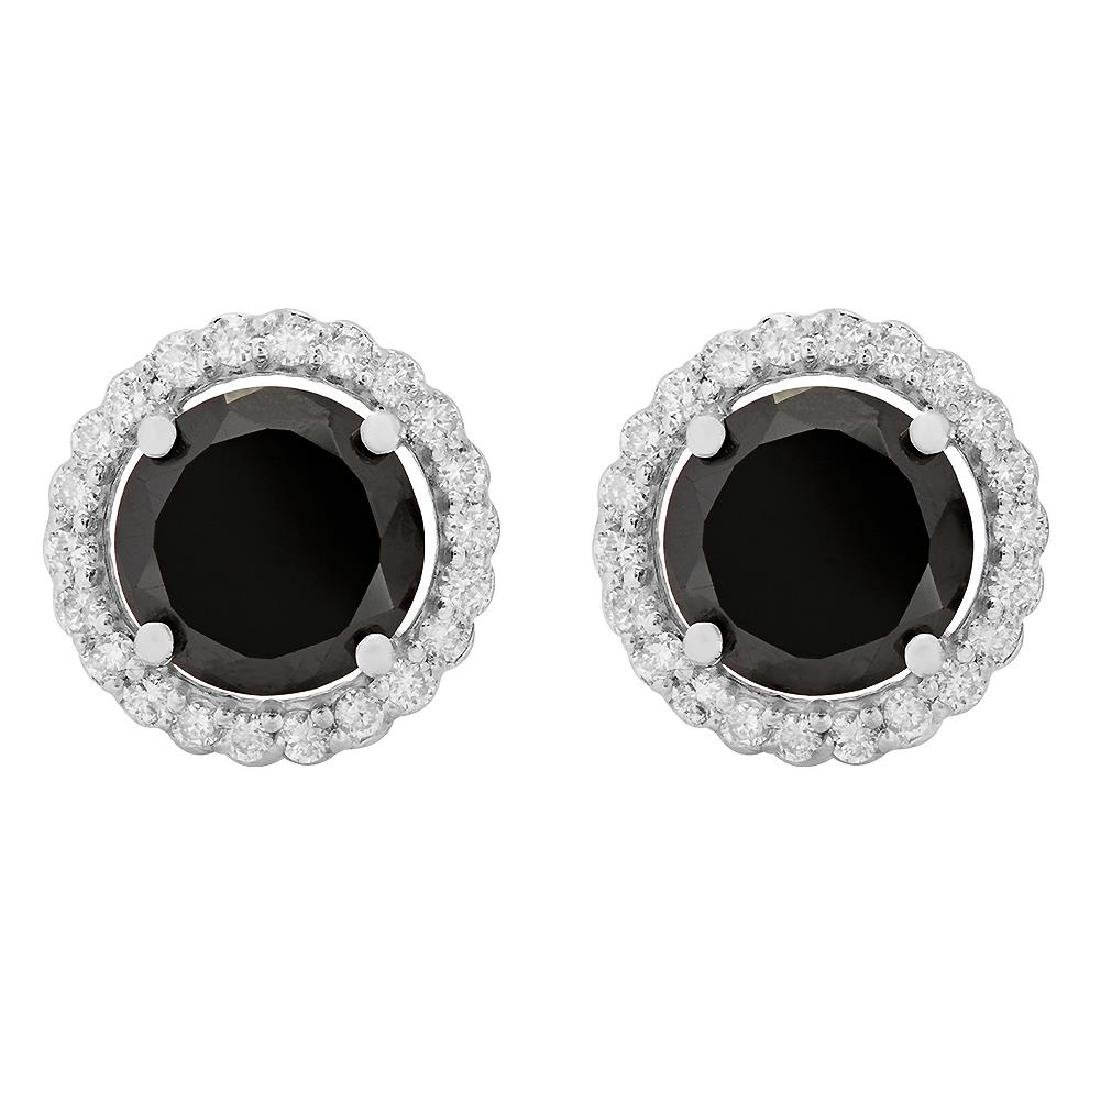 14k White Gold 4.45ct & 0.74ct Diamond Earrings